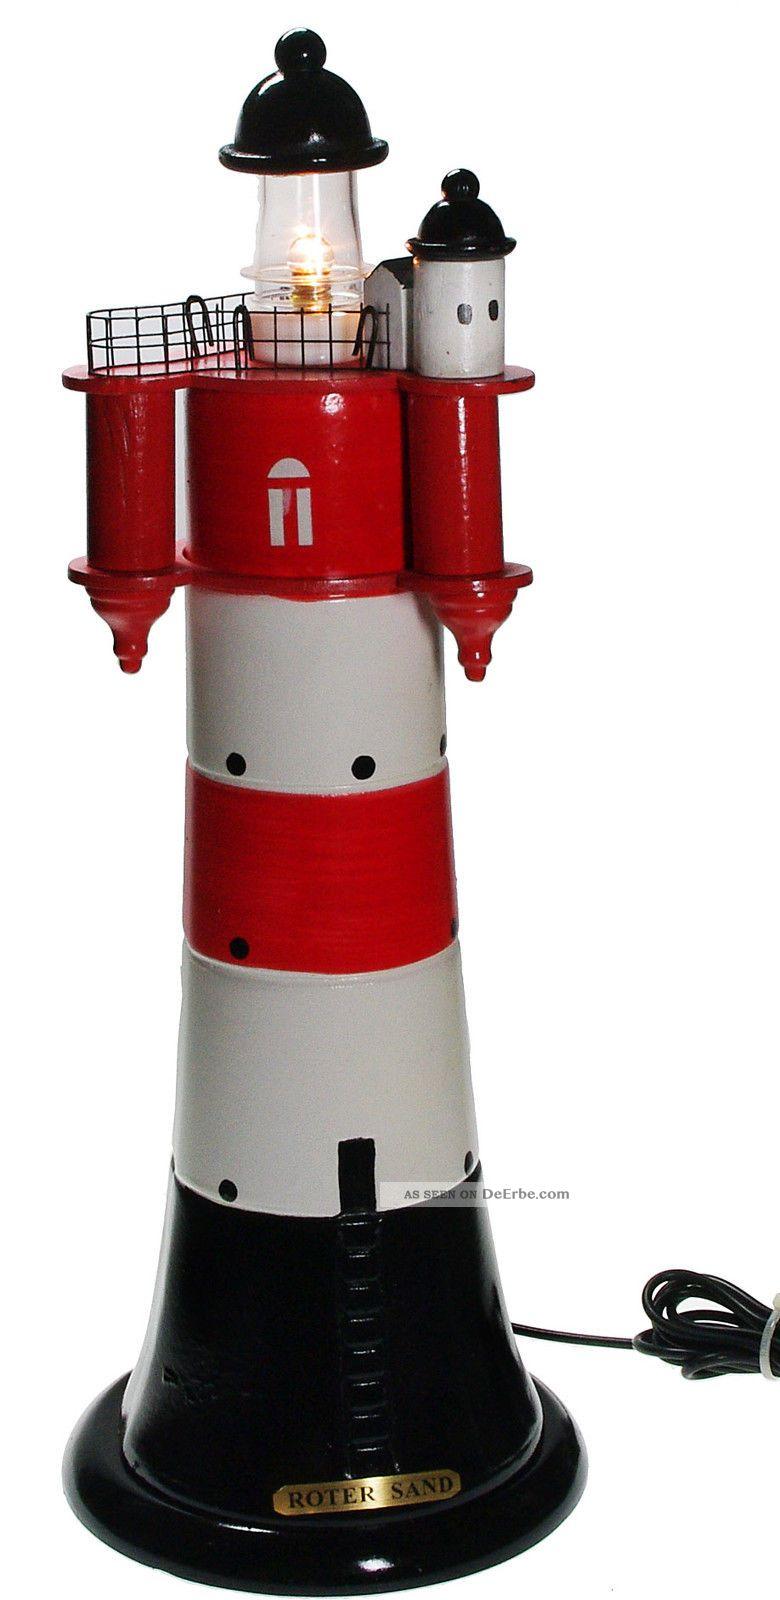 roter sand blinkender leuchtturm aus holz blinklicht nordsee mit netzger t. Black Bedroom Furniture Sets. Home Design Ideas